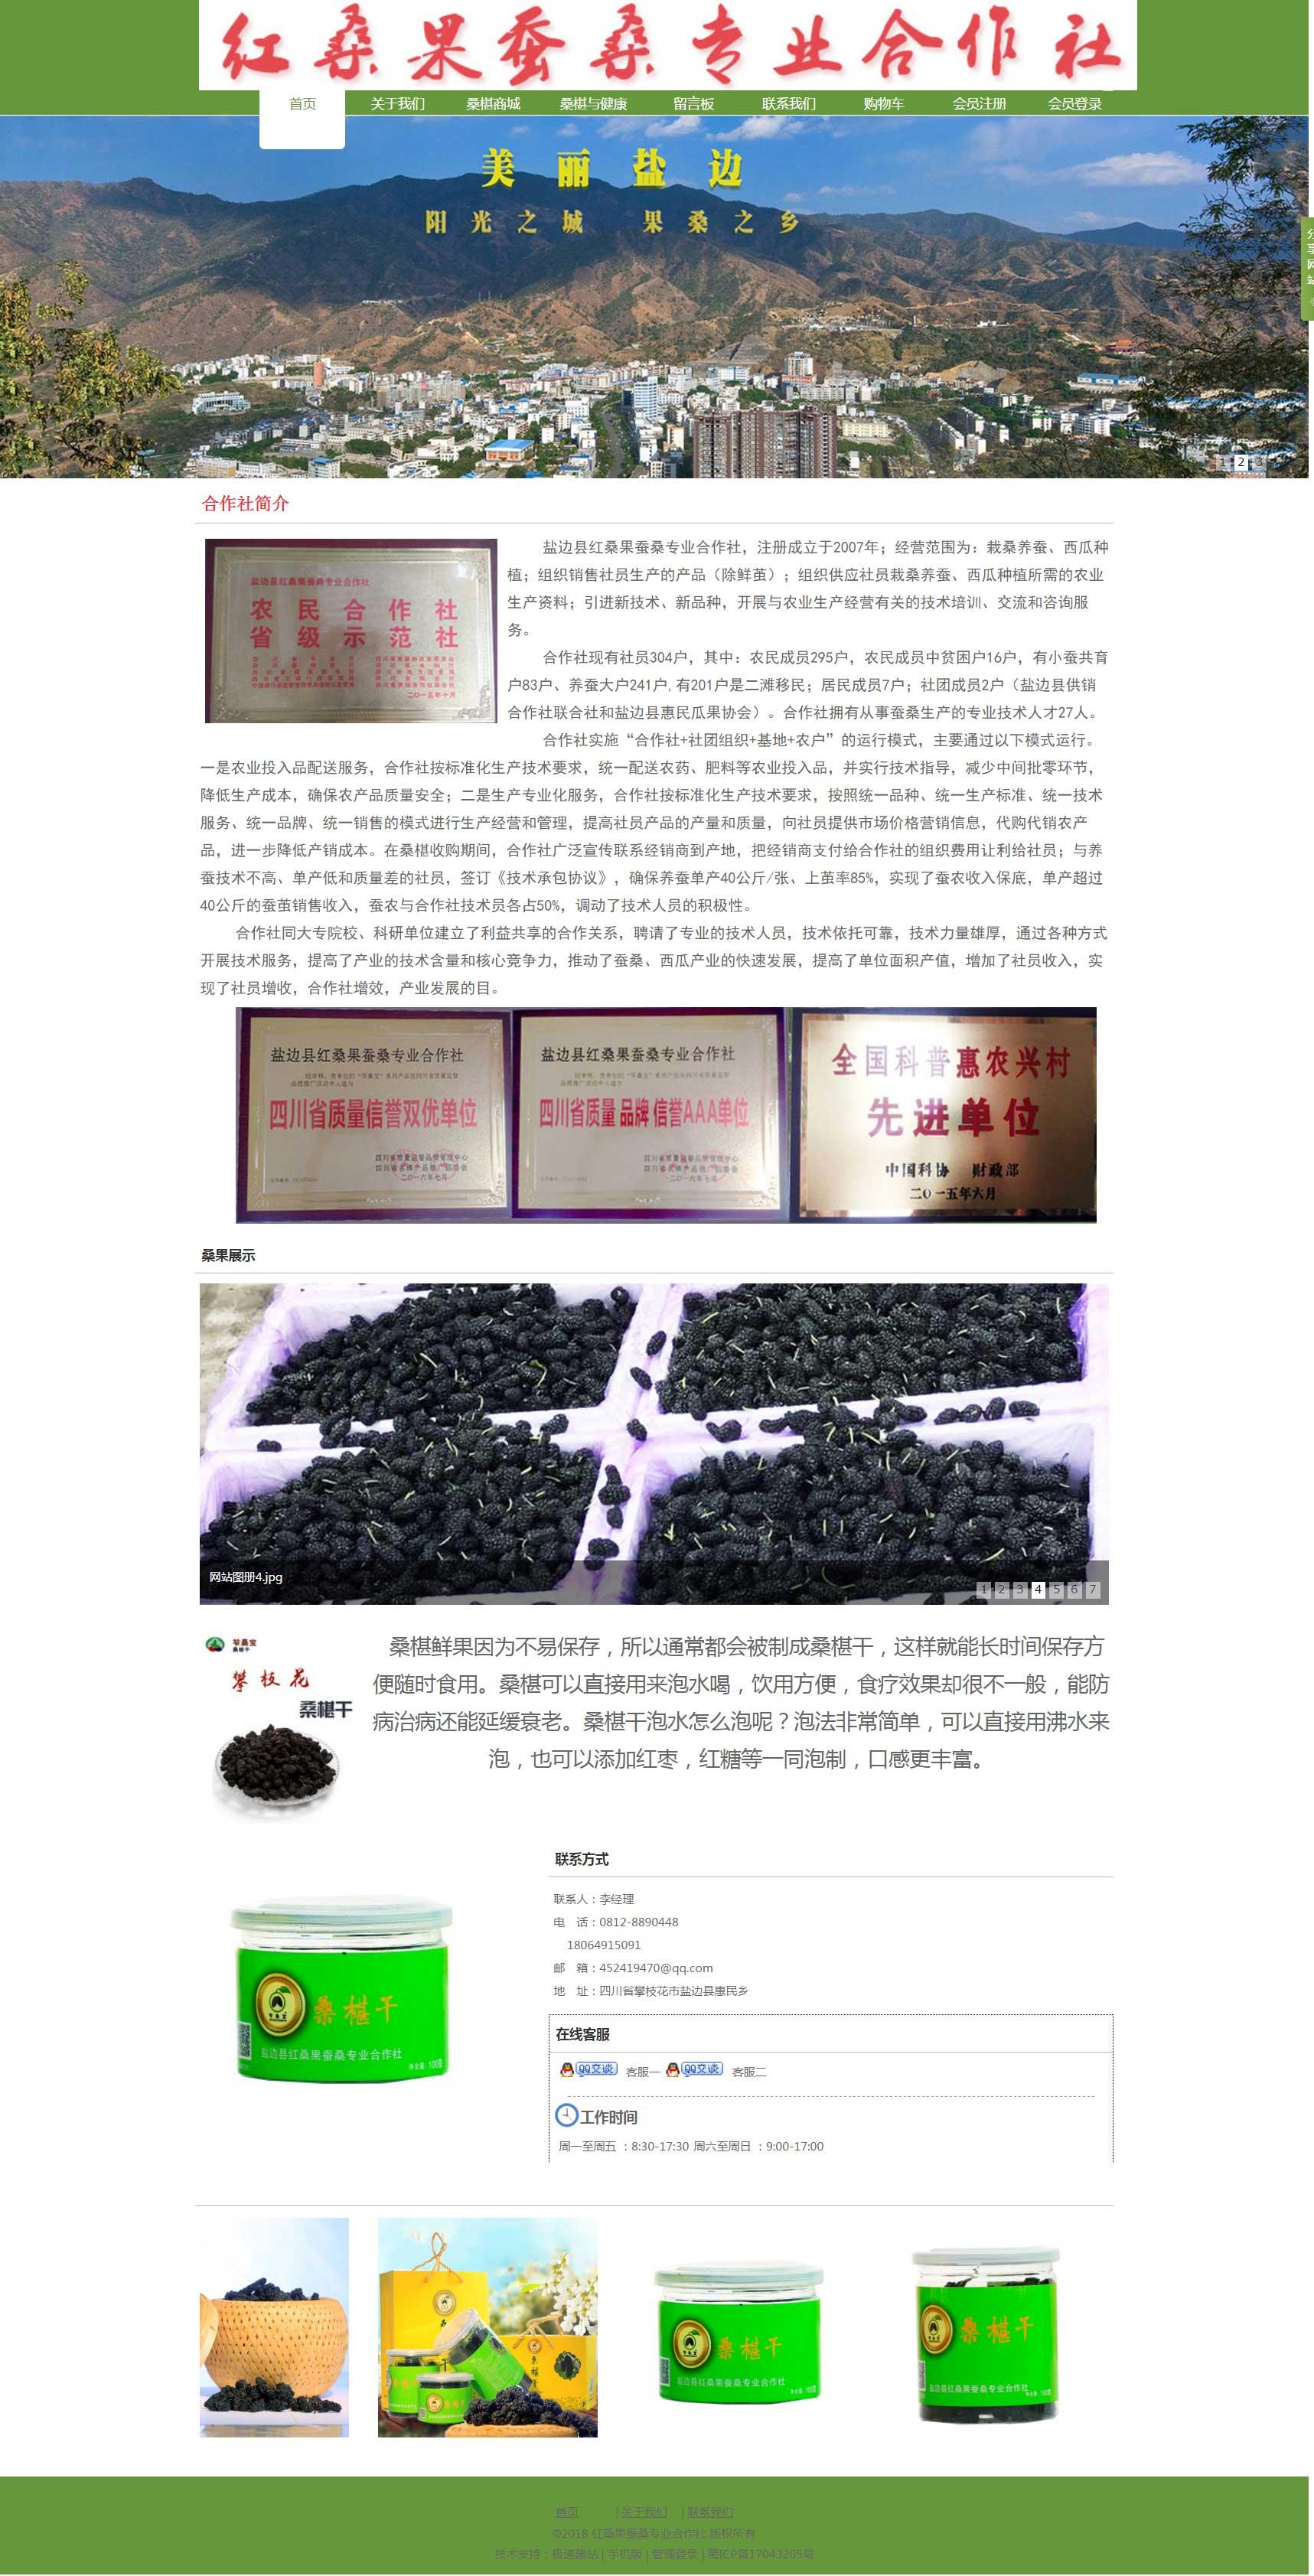 红桑果蚕桑专业合作社